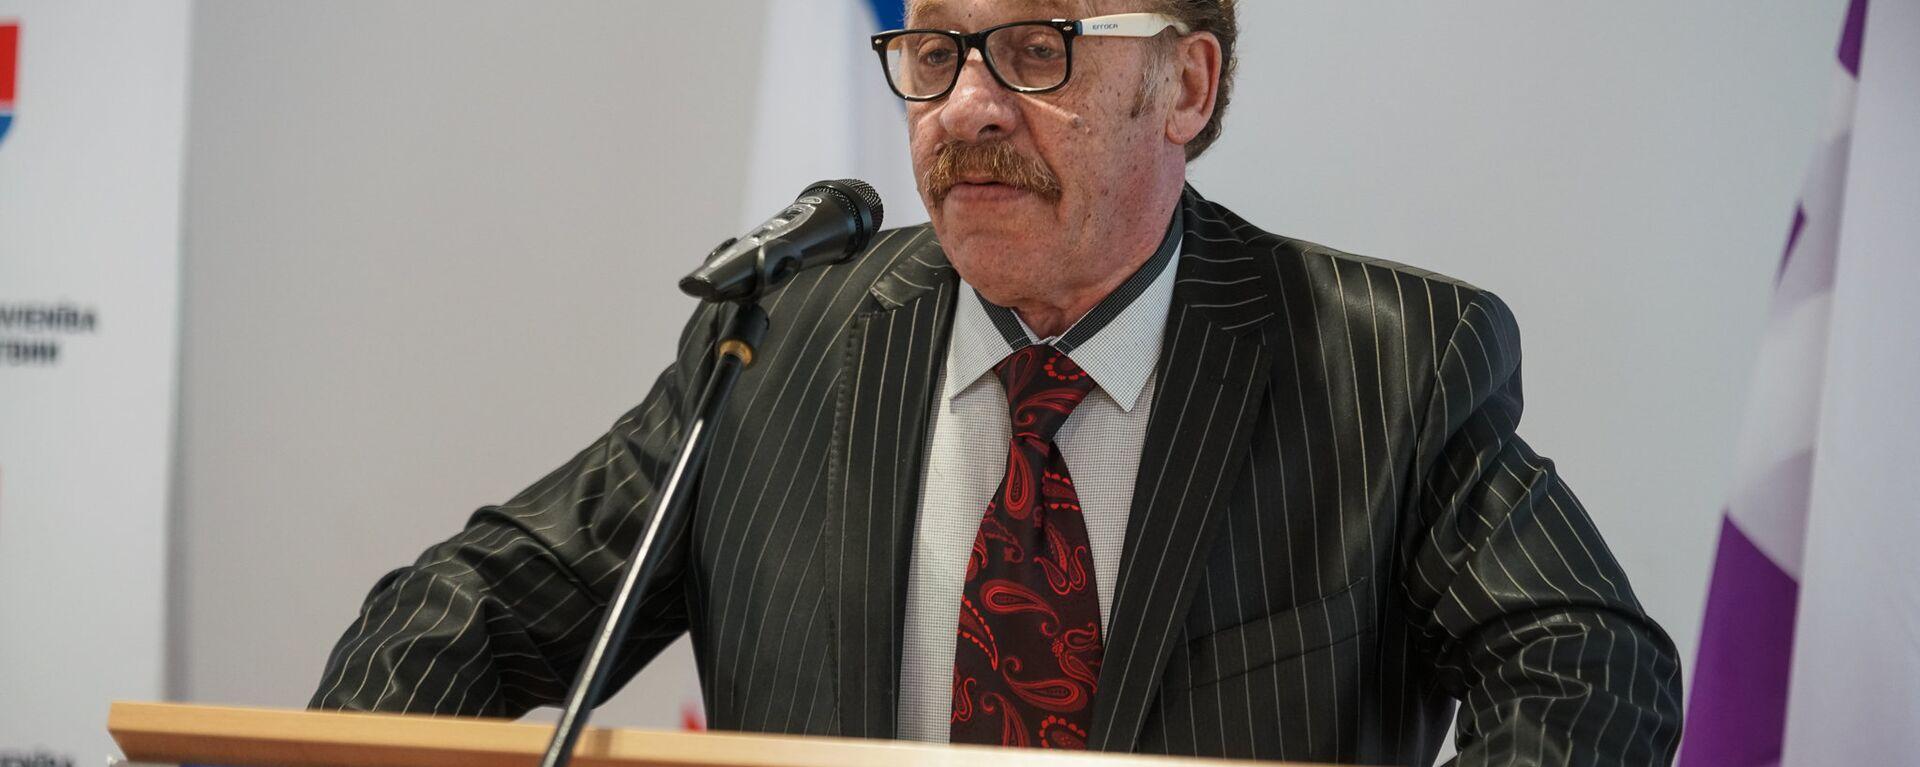 Яков Плинер на съезде партии Русский союз Латвии - Sputnik Латвия, 1920, 13.01.2021